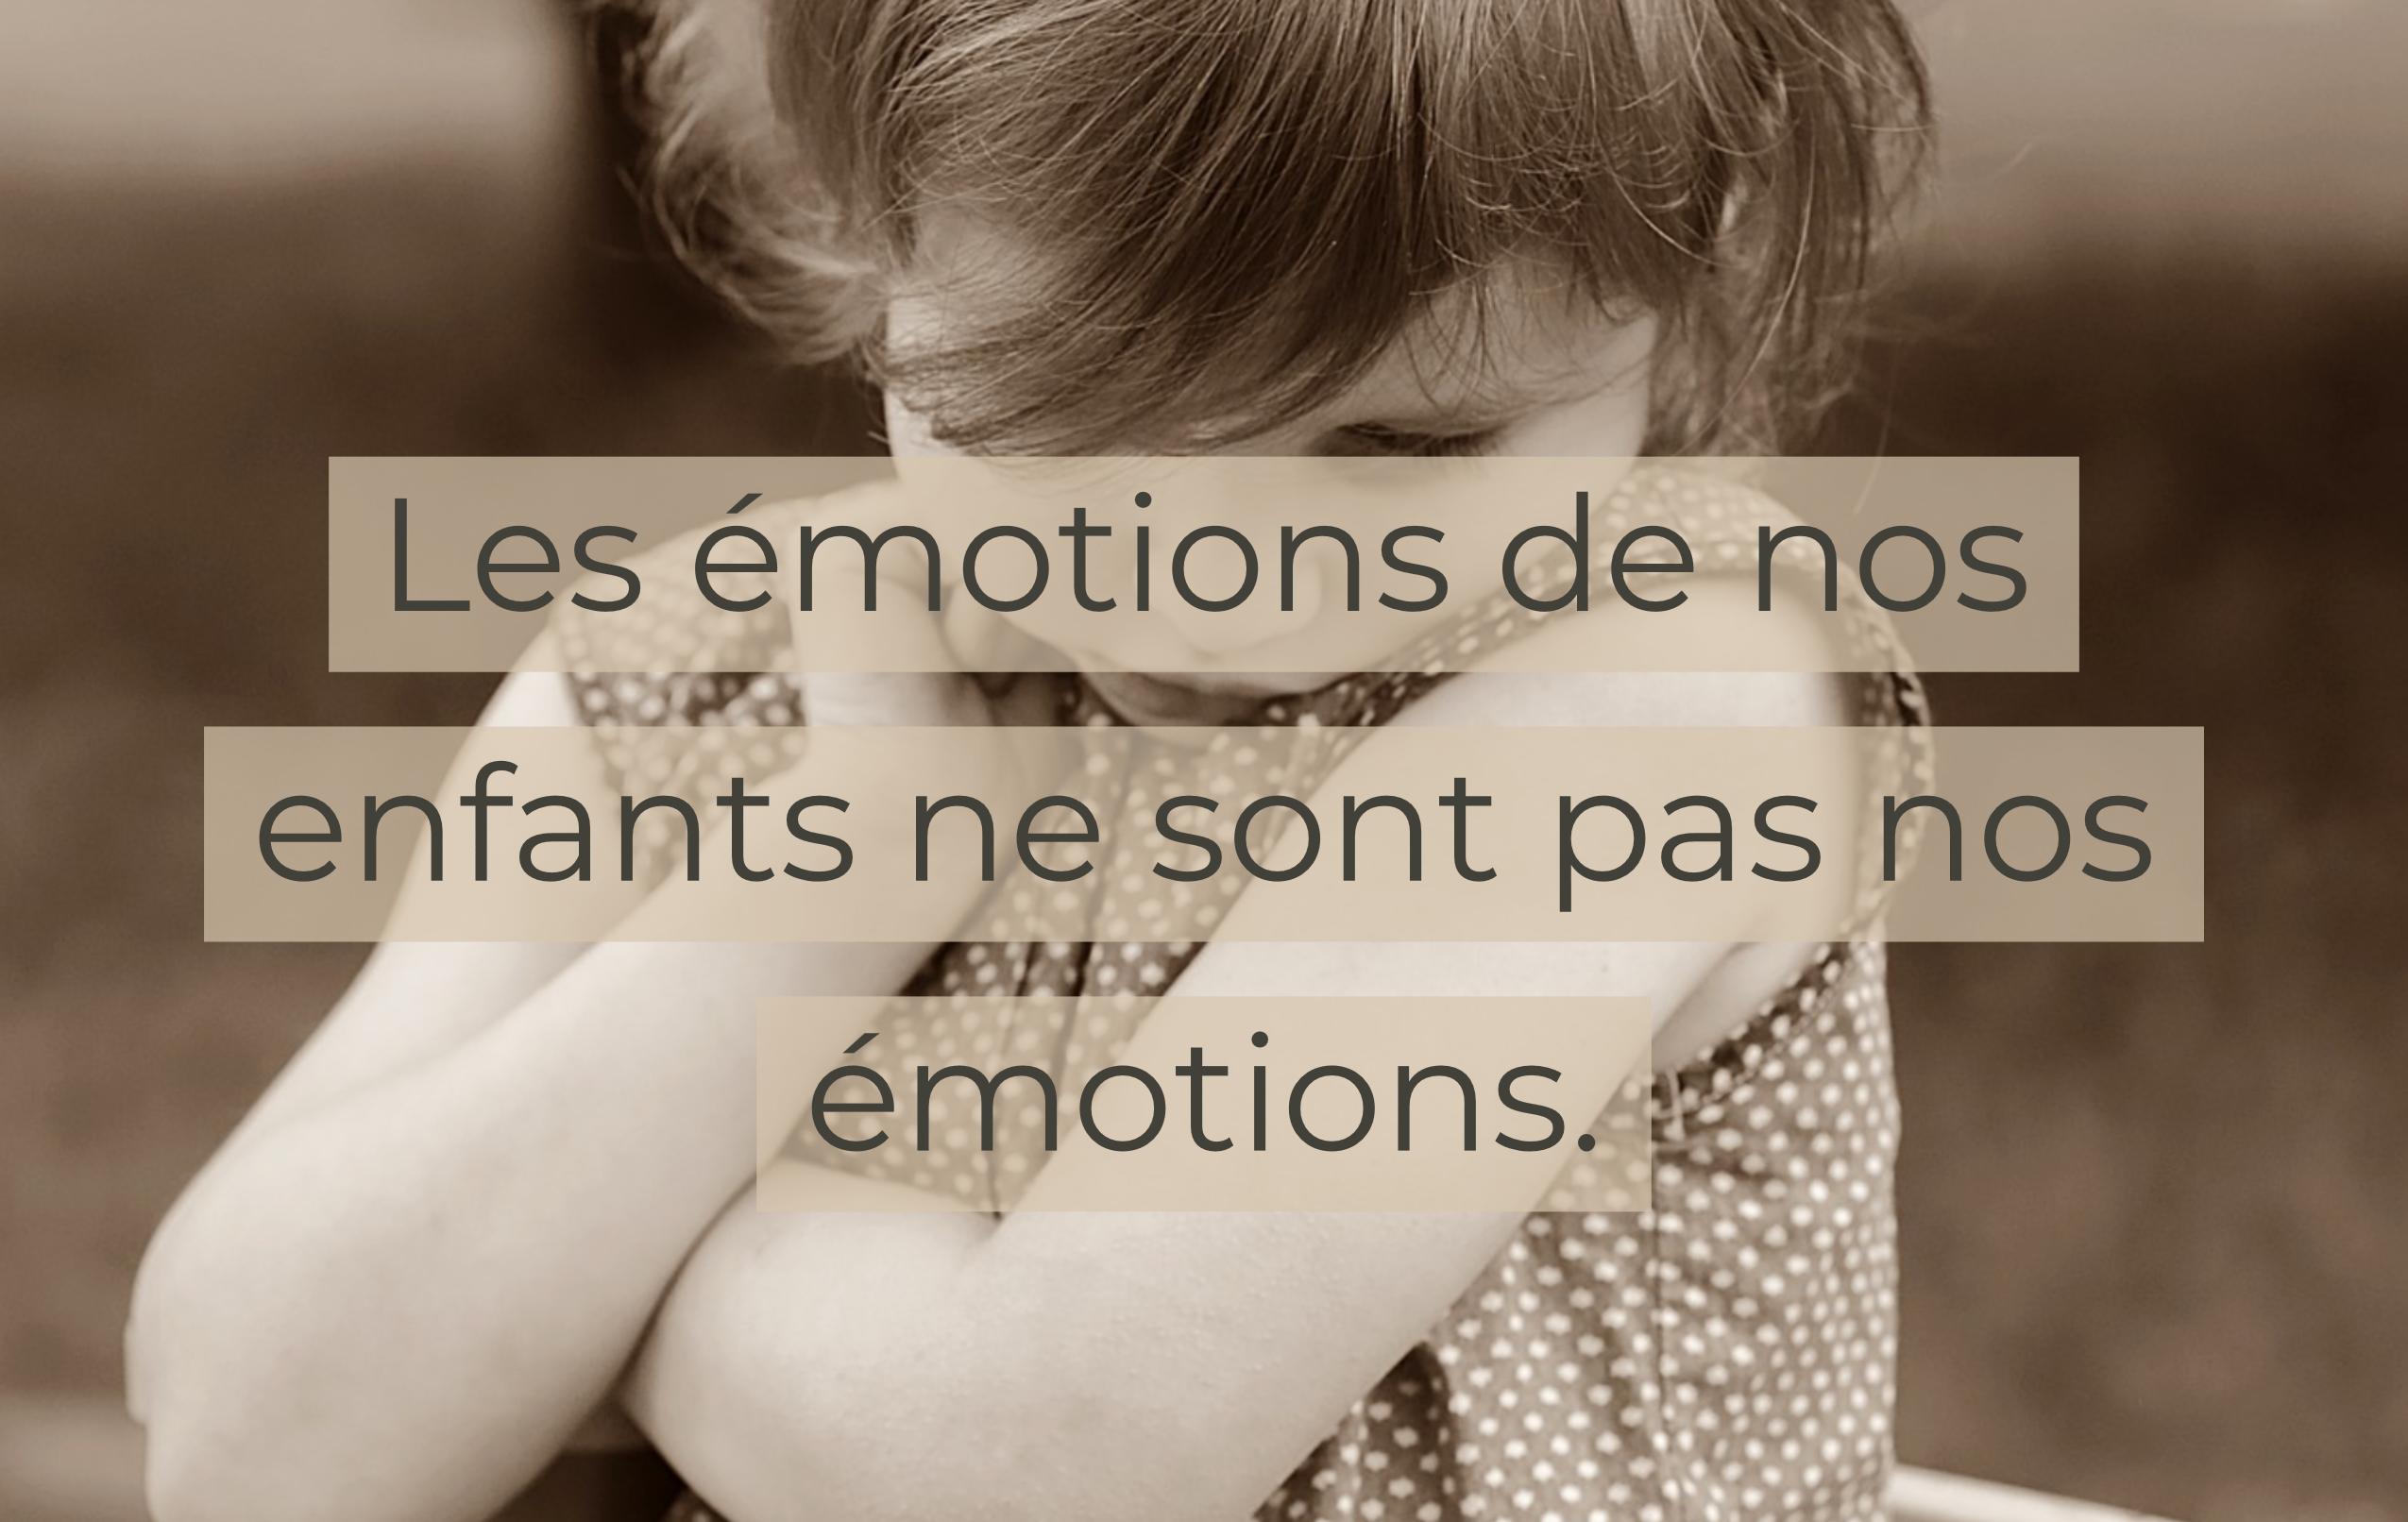 Les émotions de nos enfants ne sont pas nos émotions.